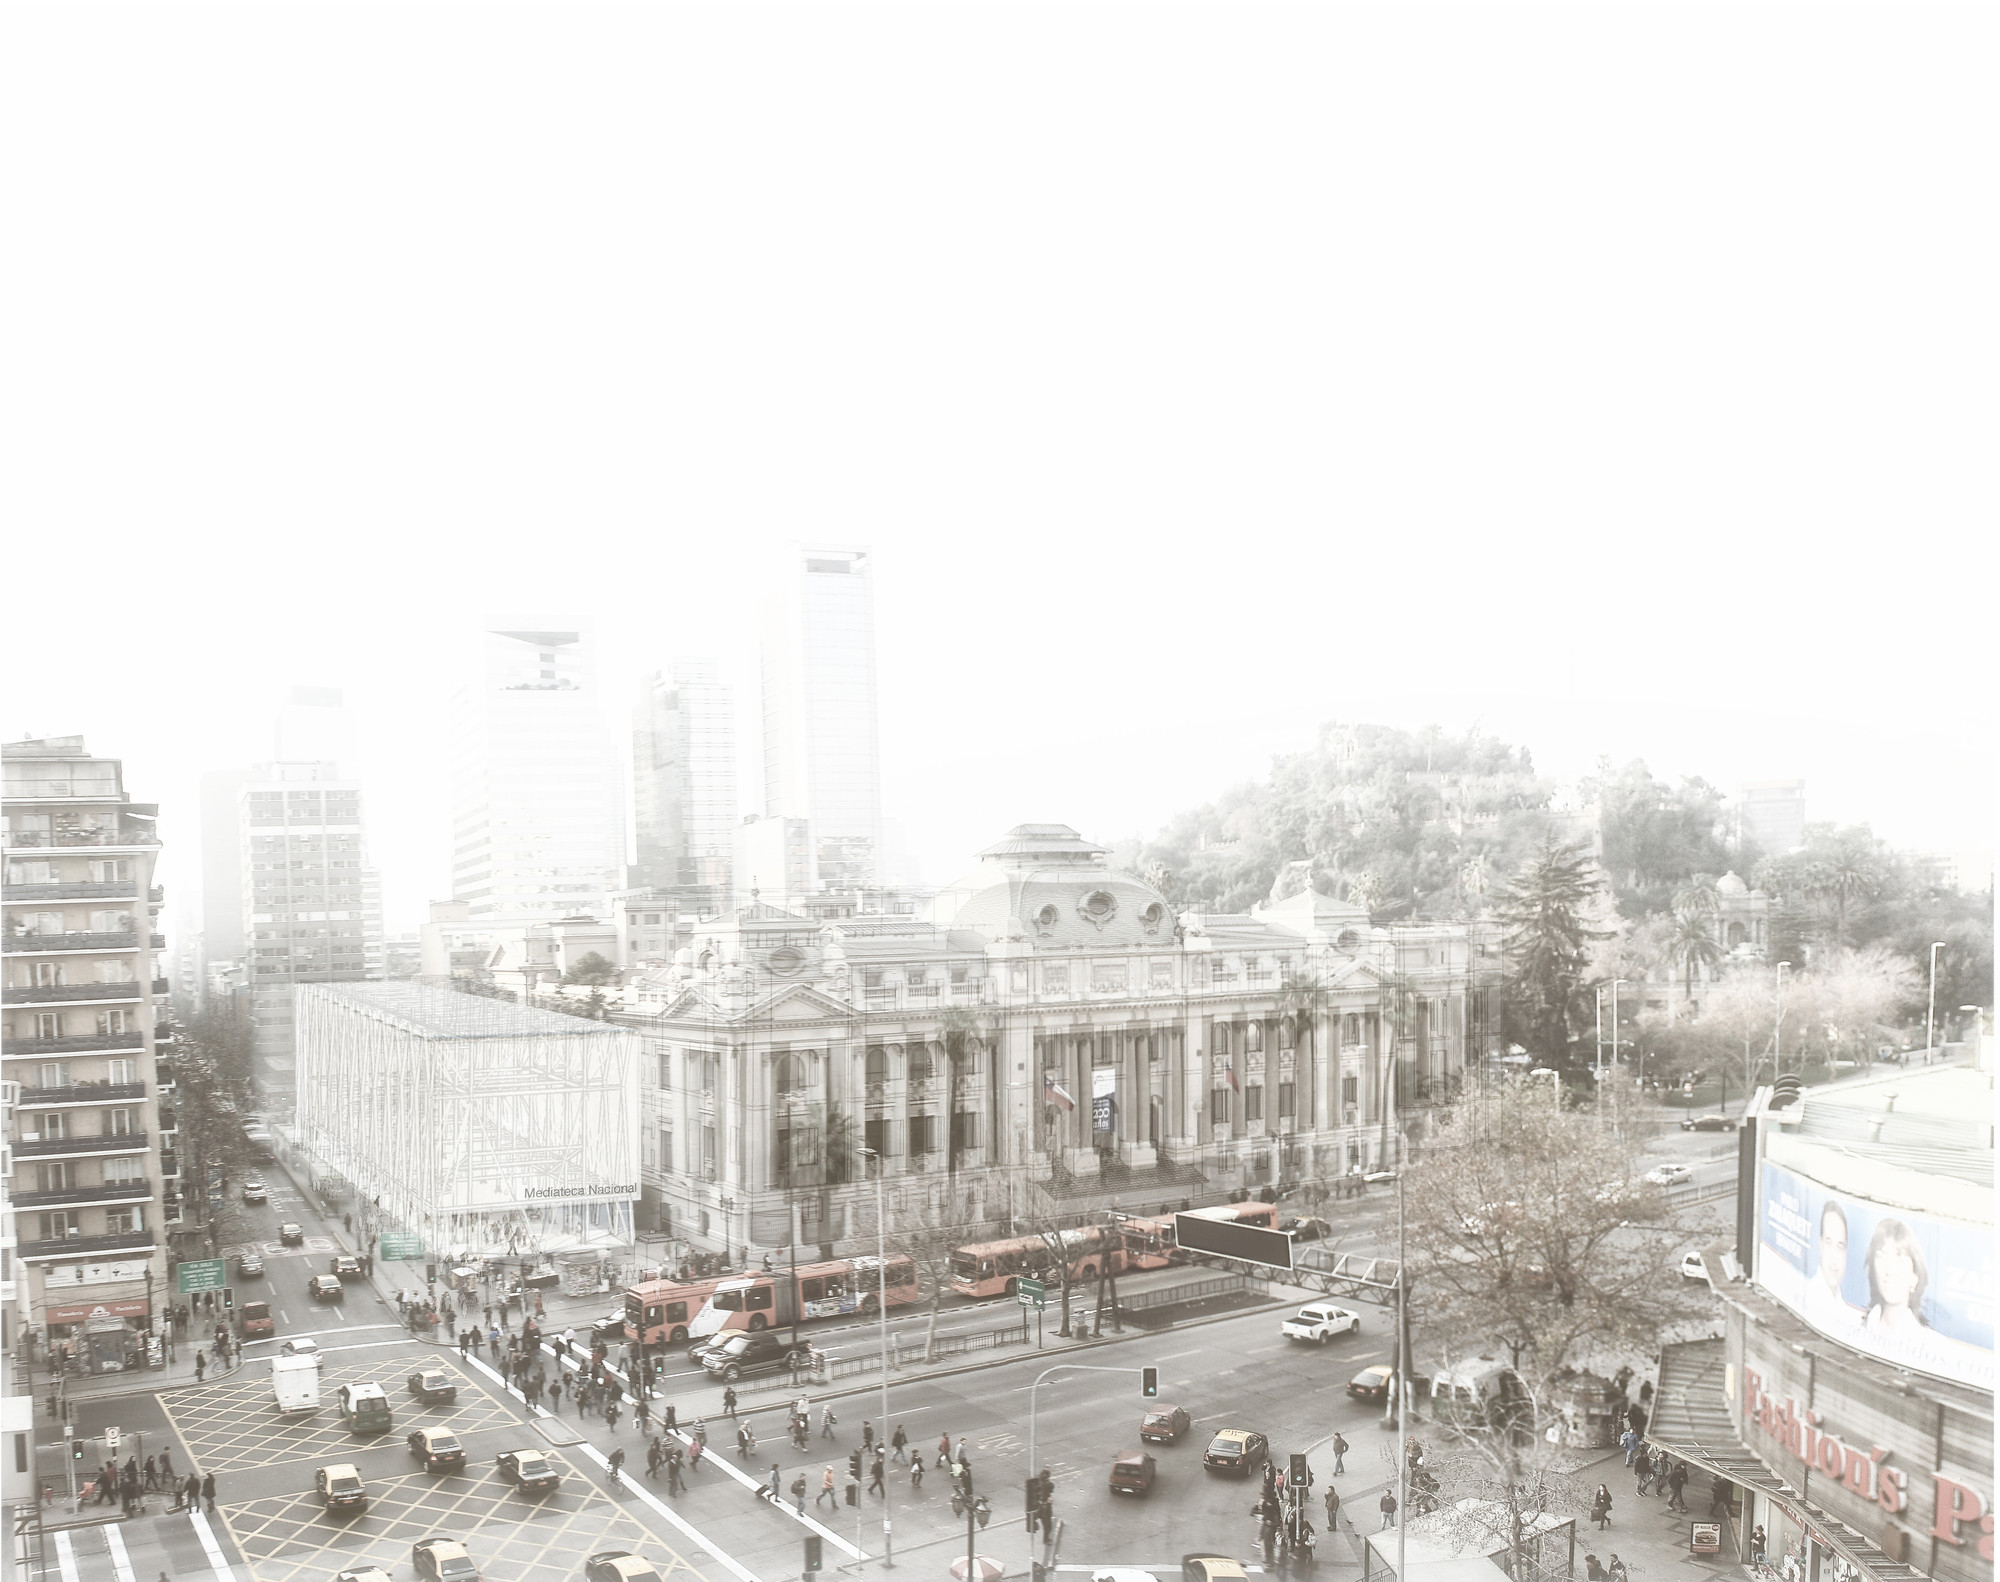 """Equipo de Chile resulta ganador del 6to Concurso Alacero de Diseño en Acero para Estudiantes de Arquitectura , Primer Lugar Concurso CAP 2013 """"Biblioteca mediateca pública"""". Image © Equipo Primer Lugar"""